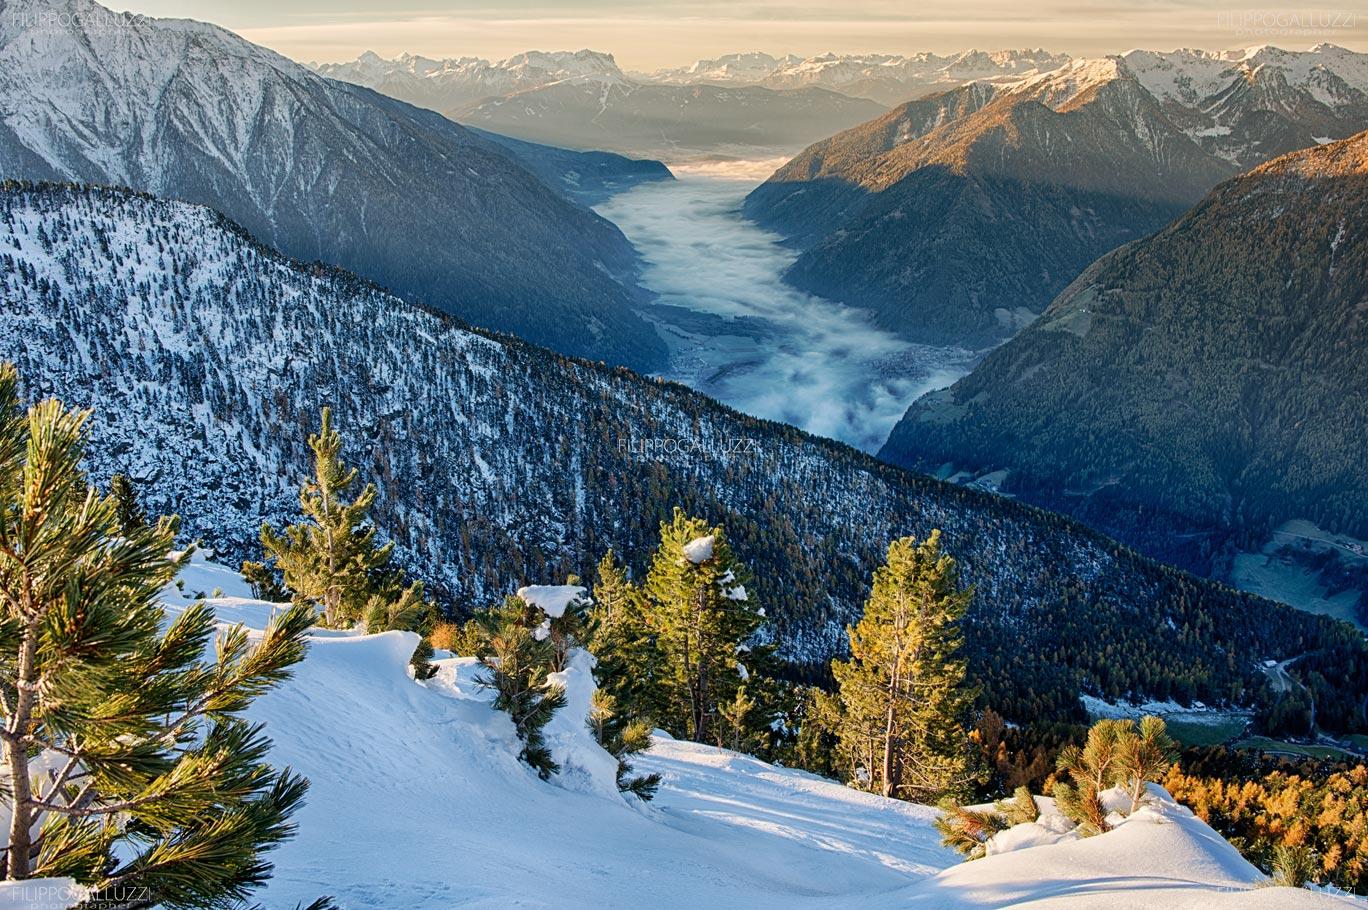 Alto adige, Valli di Tures e Aurina, alba nebbiosa